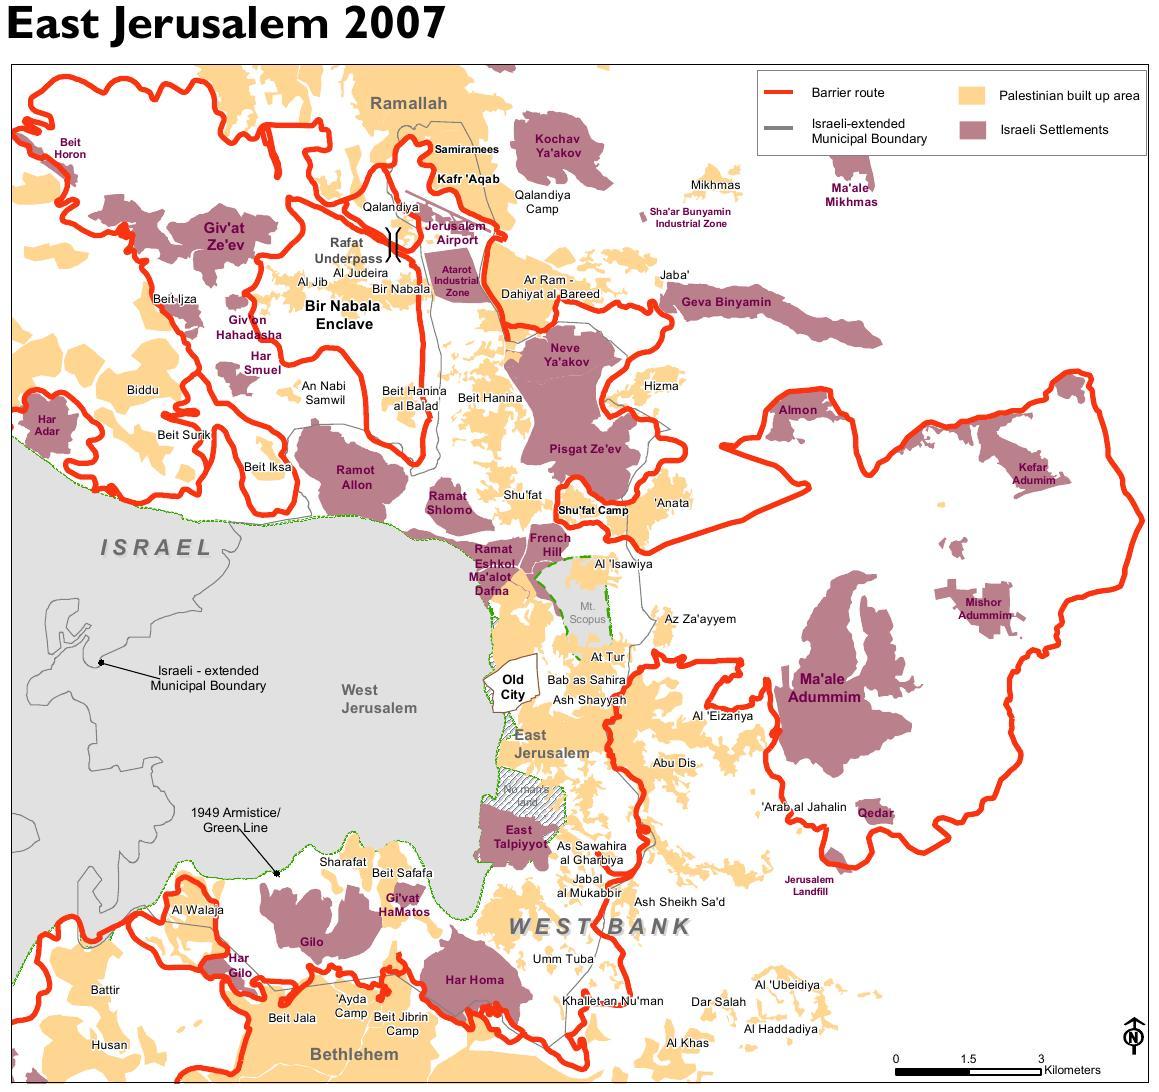 Jerusalem-barrier_June_2007-OCHAoPt.jpeg